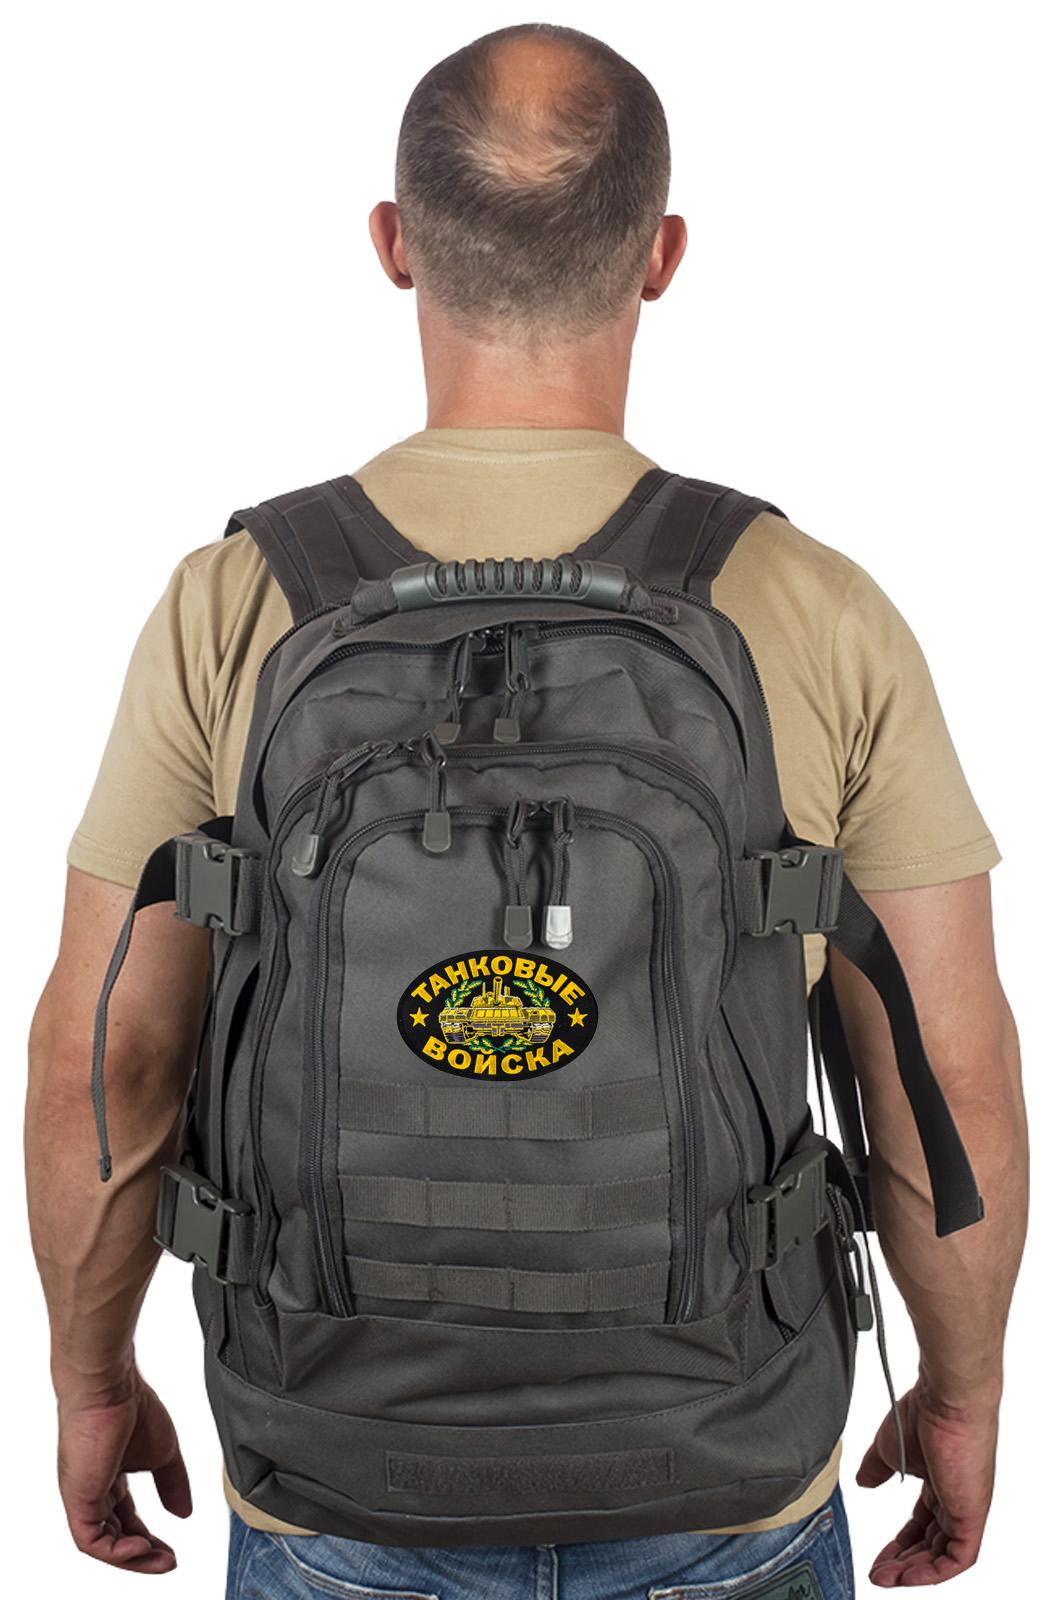 Тактический универсальный рюкзак с нашивкой Танковые Войска - купить онлайн